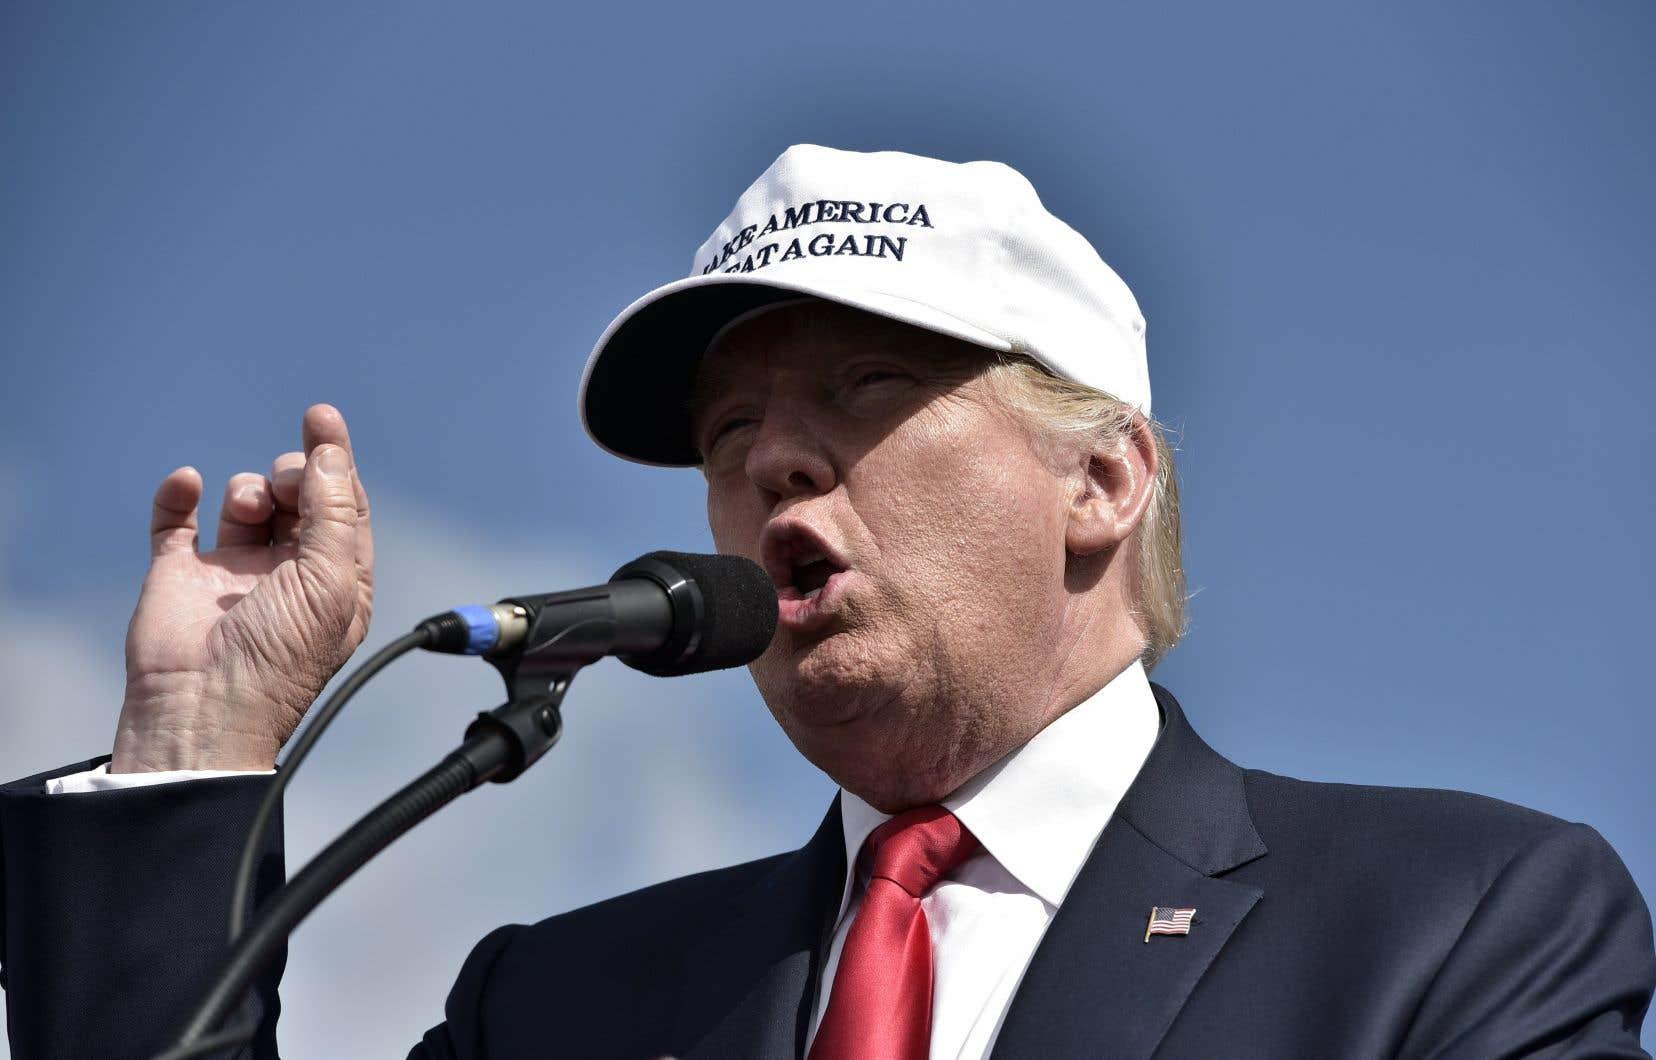 «Ce qui est plus dramatique aujourd'hui, c'est que les États-Unis exercent une direction politique, technologique et culturelle incompatible avec l'isolationnisme, le protectionnisme et la xénophobie», selon l'auteur.